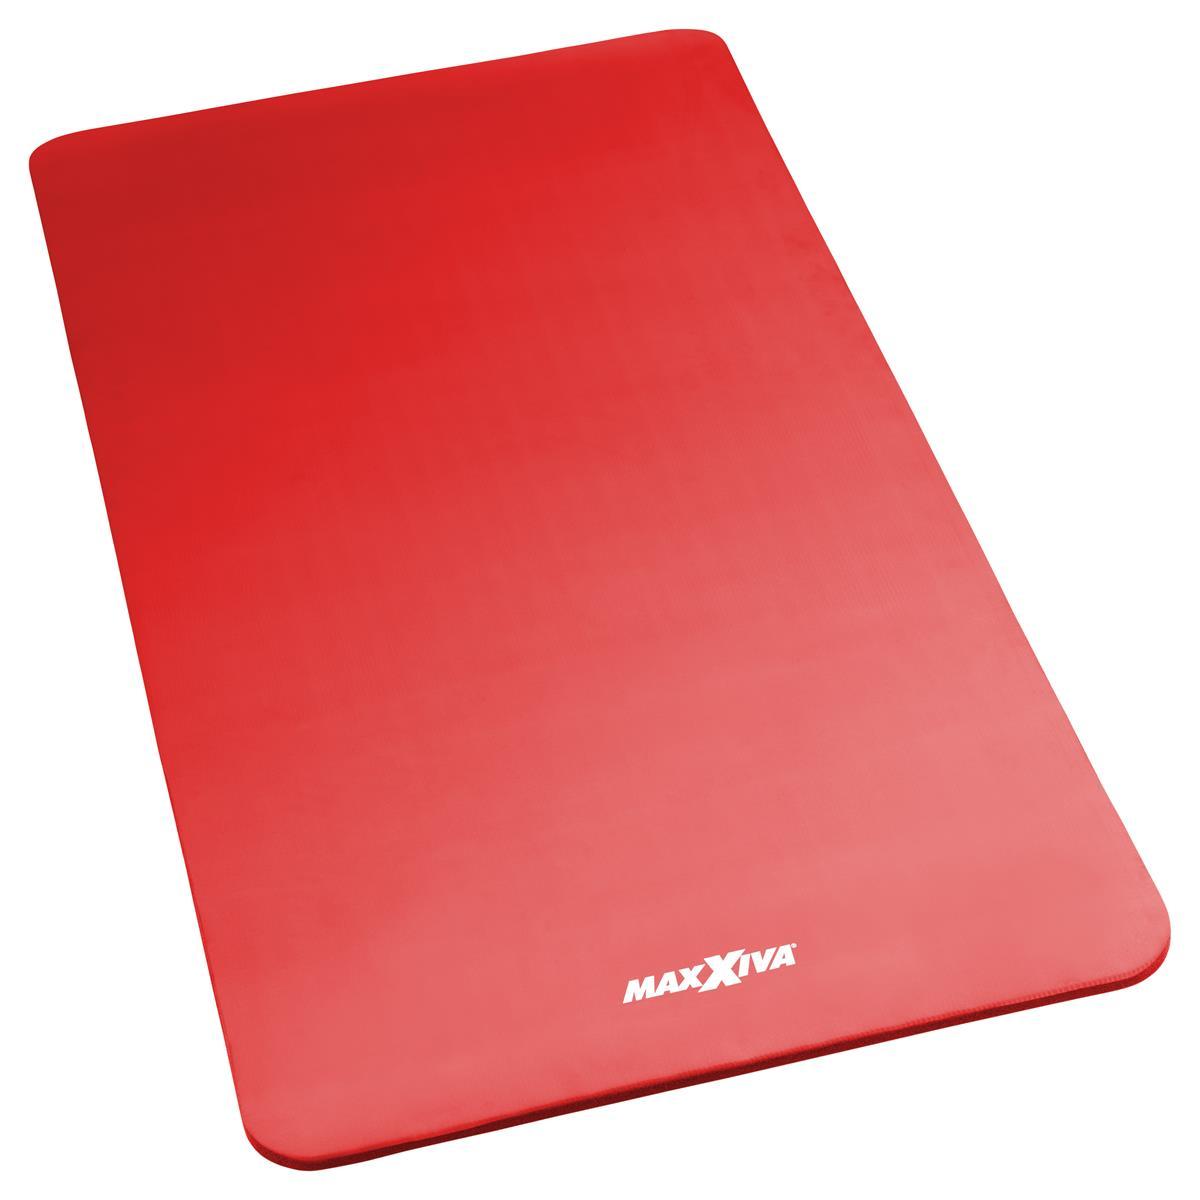 MAXXIVA Yogamatte Gymnastikmatte Fitnessmatte 190x100x1,5 cm rot schadstofffrei